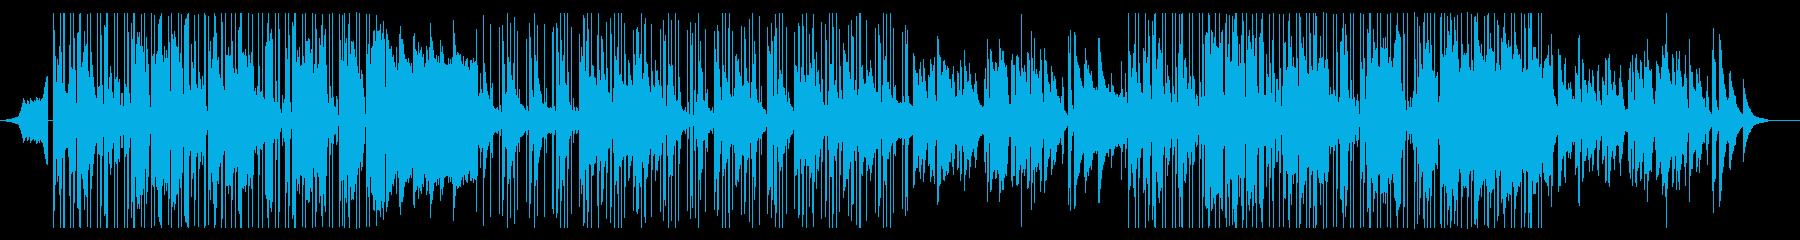 R&B,Soulの滑らかなグルーヴBGMの再生済みの波形